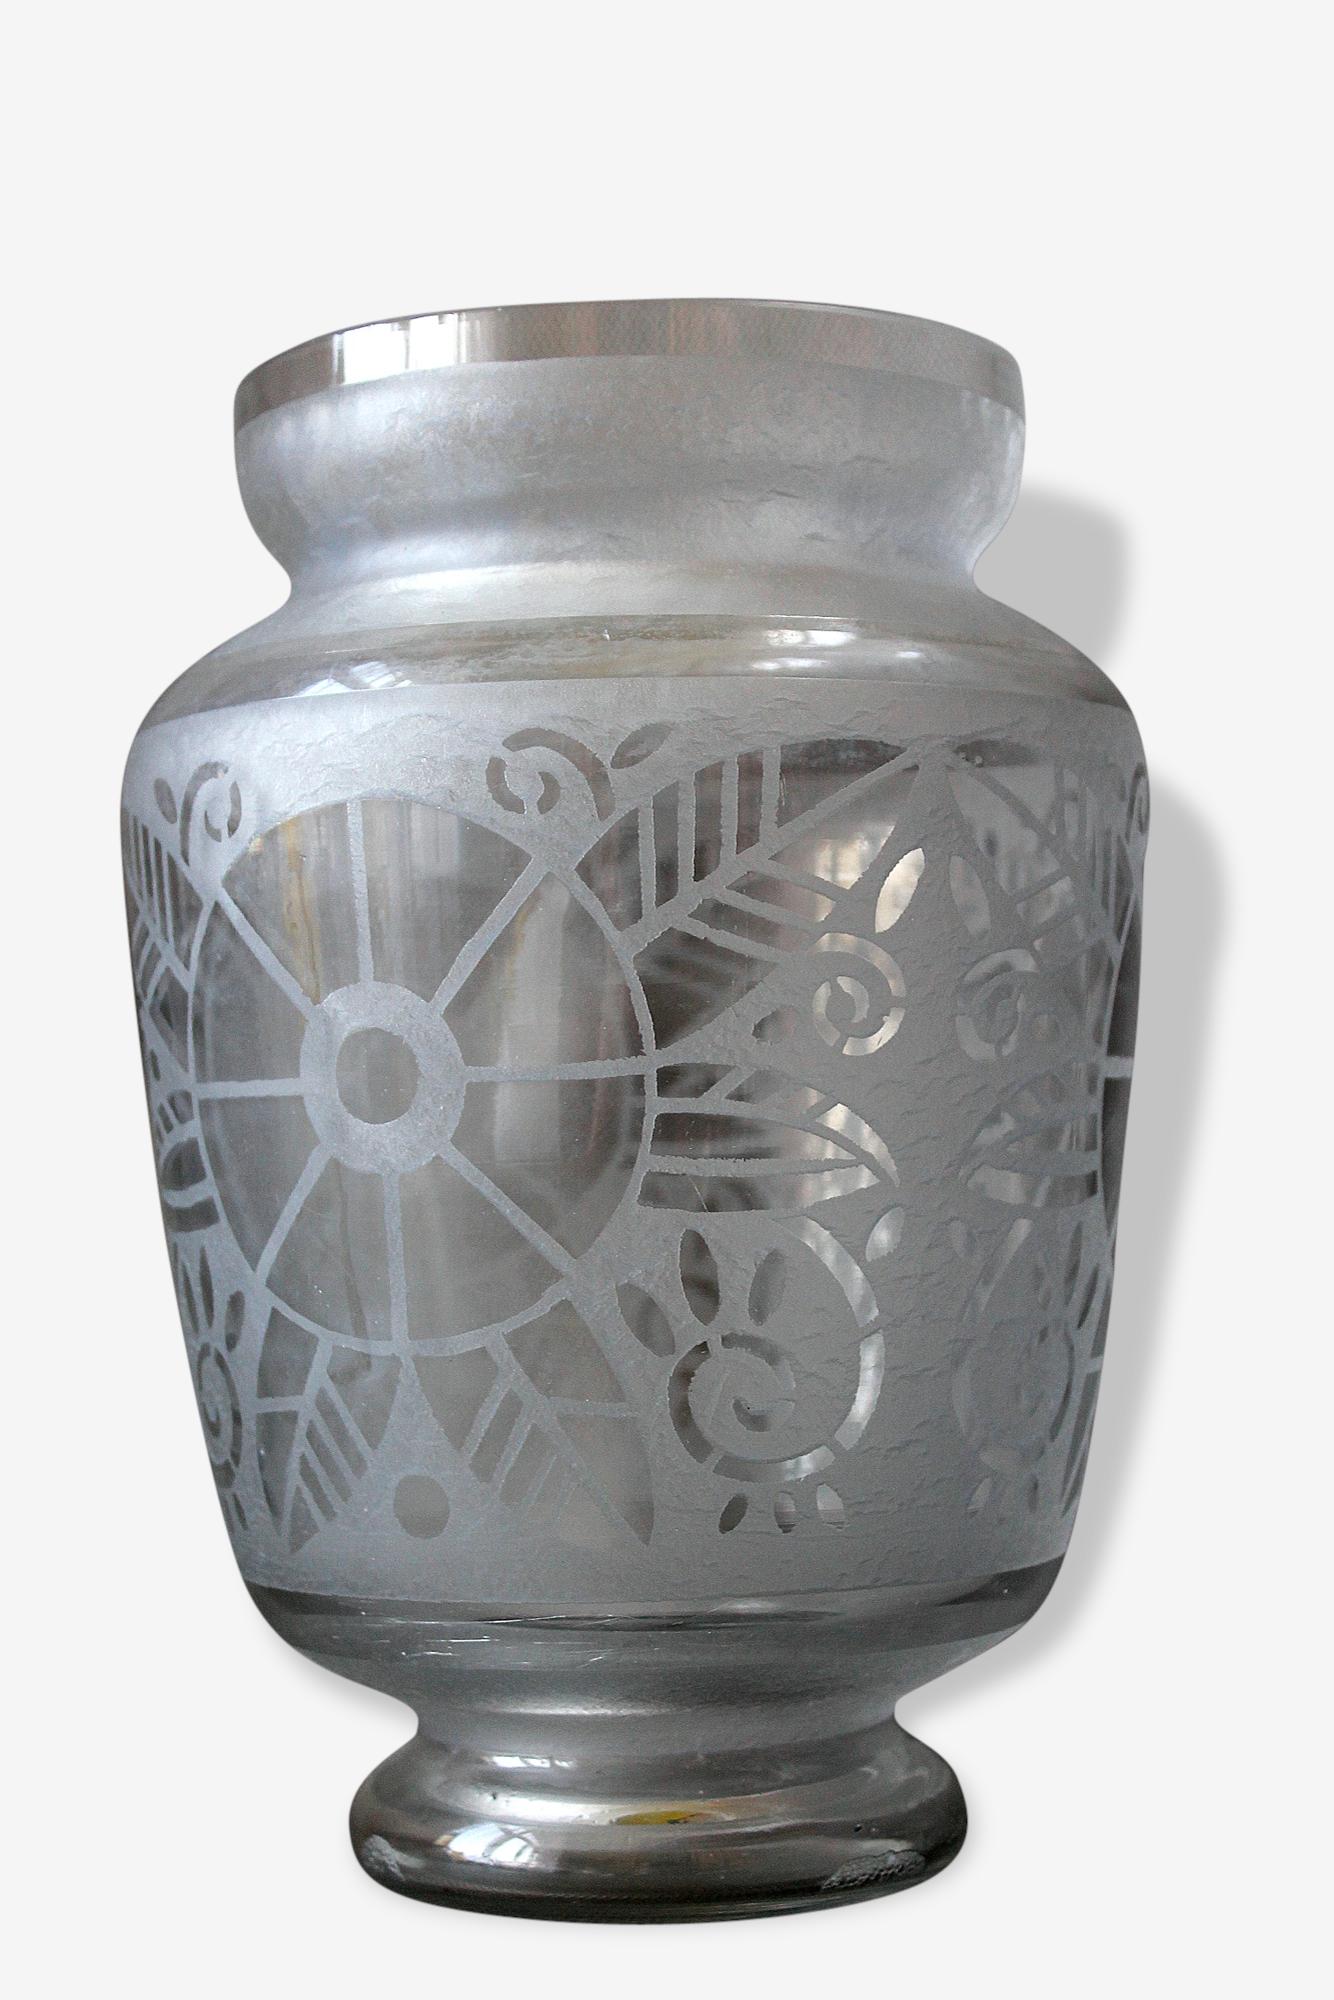 Art Deco / Daum / Nançy / Superbe Grand Vase en Verre Signé Lorrain France / 1925